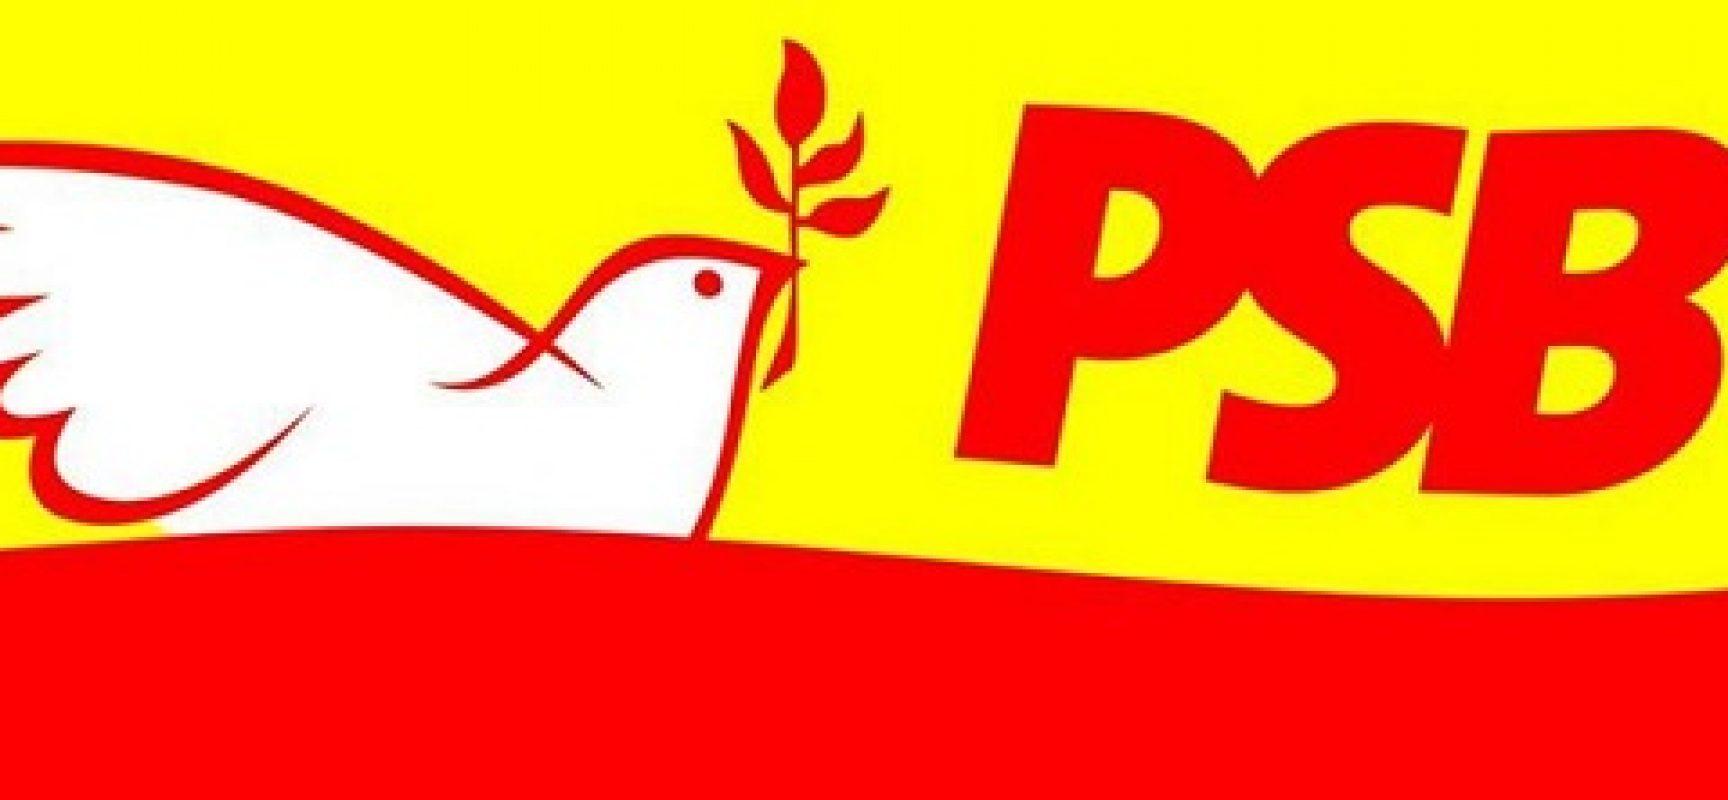 Carlos Siqueira é reeleito presidente nacional do PSB | Jornal do ...